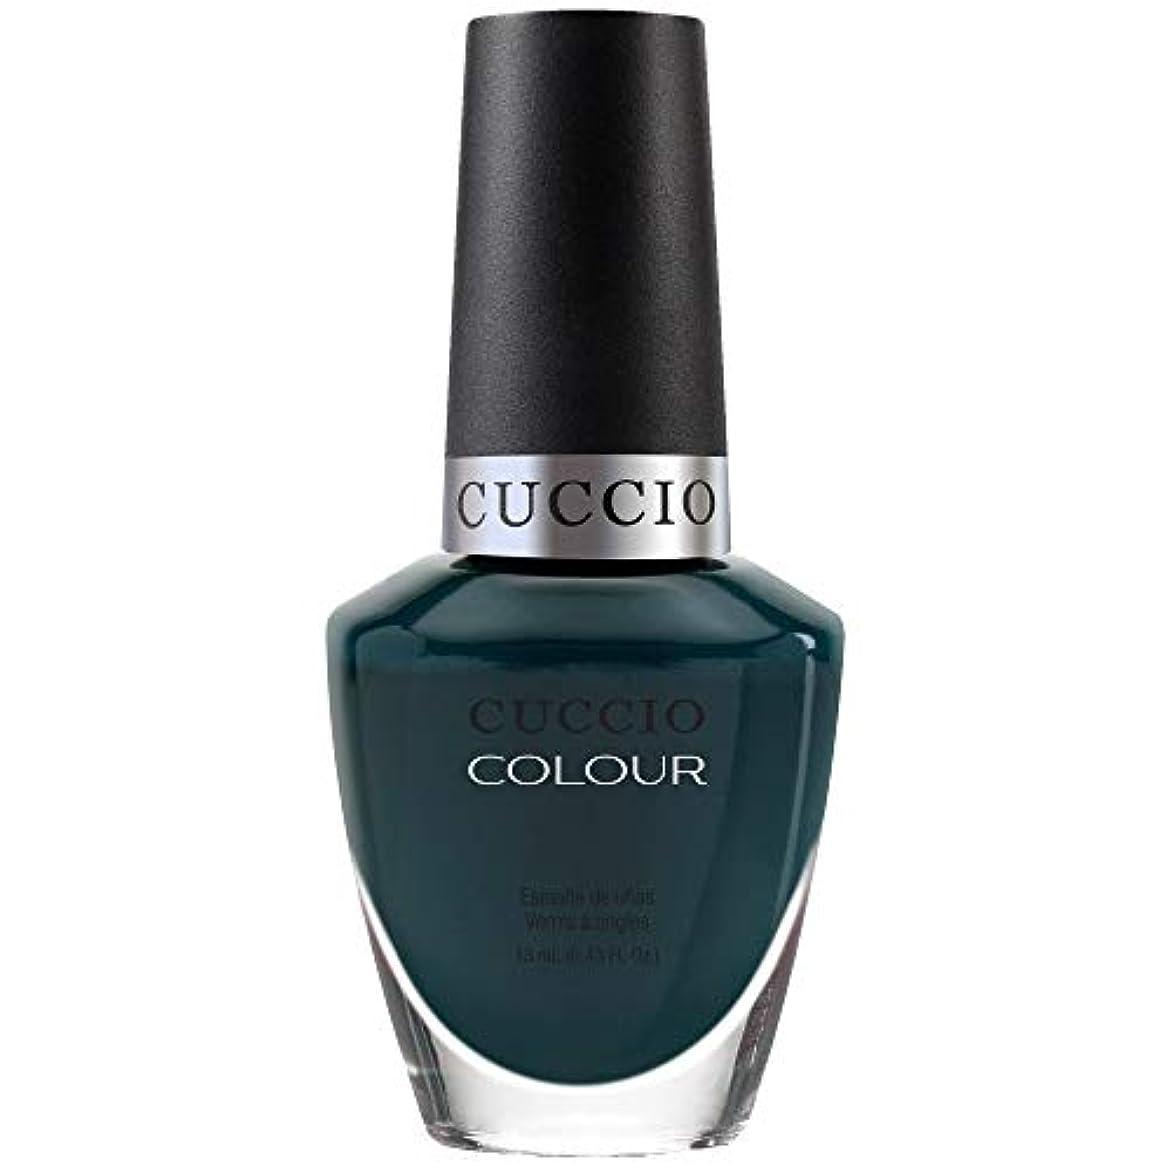 責任者瀬戸際複製するCuccio Colour Gloss Lacquer - Prince I've Been Gone - 0.43oz / 13ml